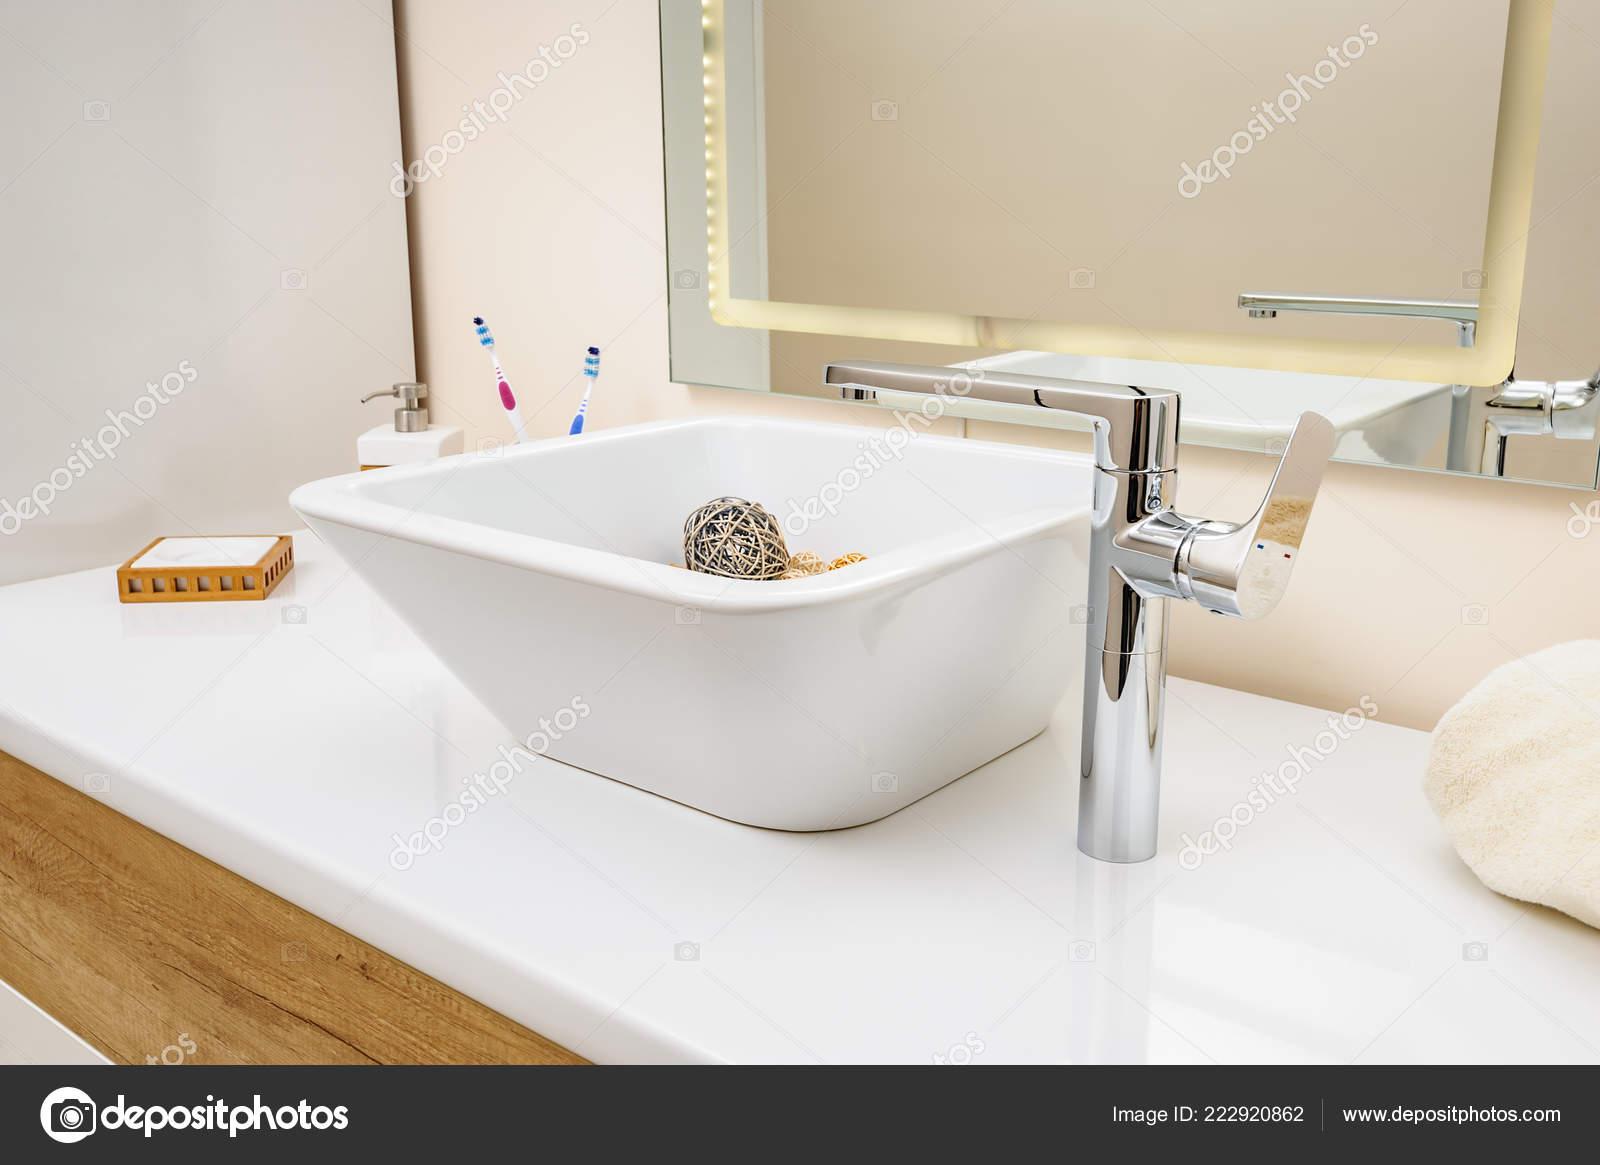 Szczegółowo Wnętrza łazienka Z Umywalka I Bateria Zdjęcie